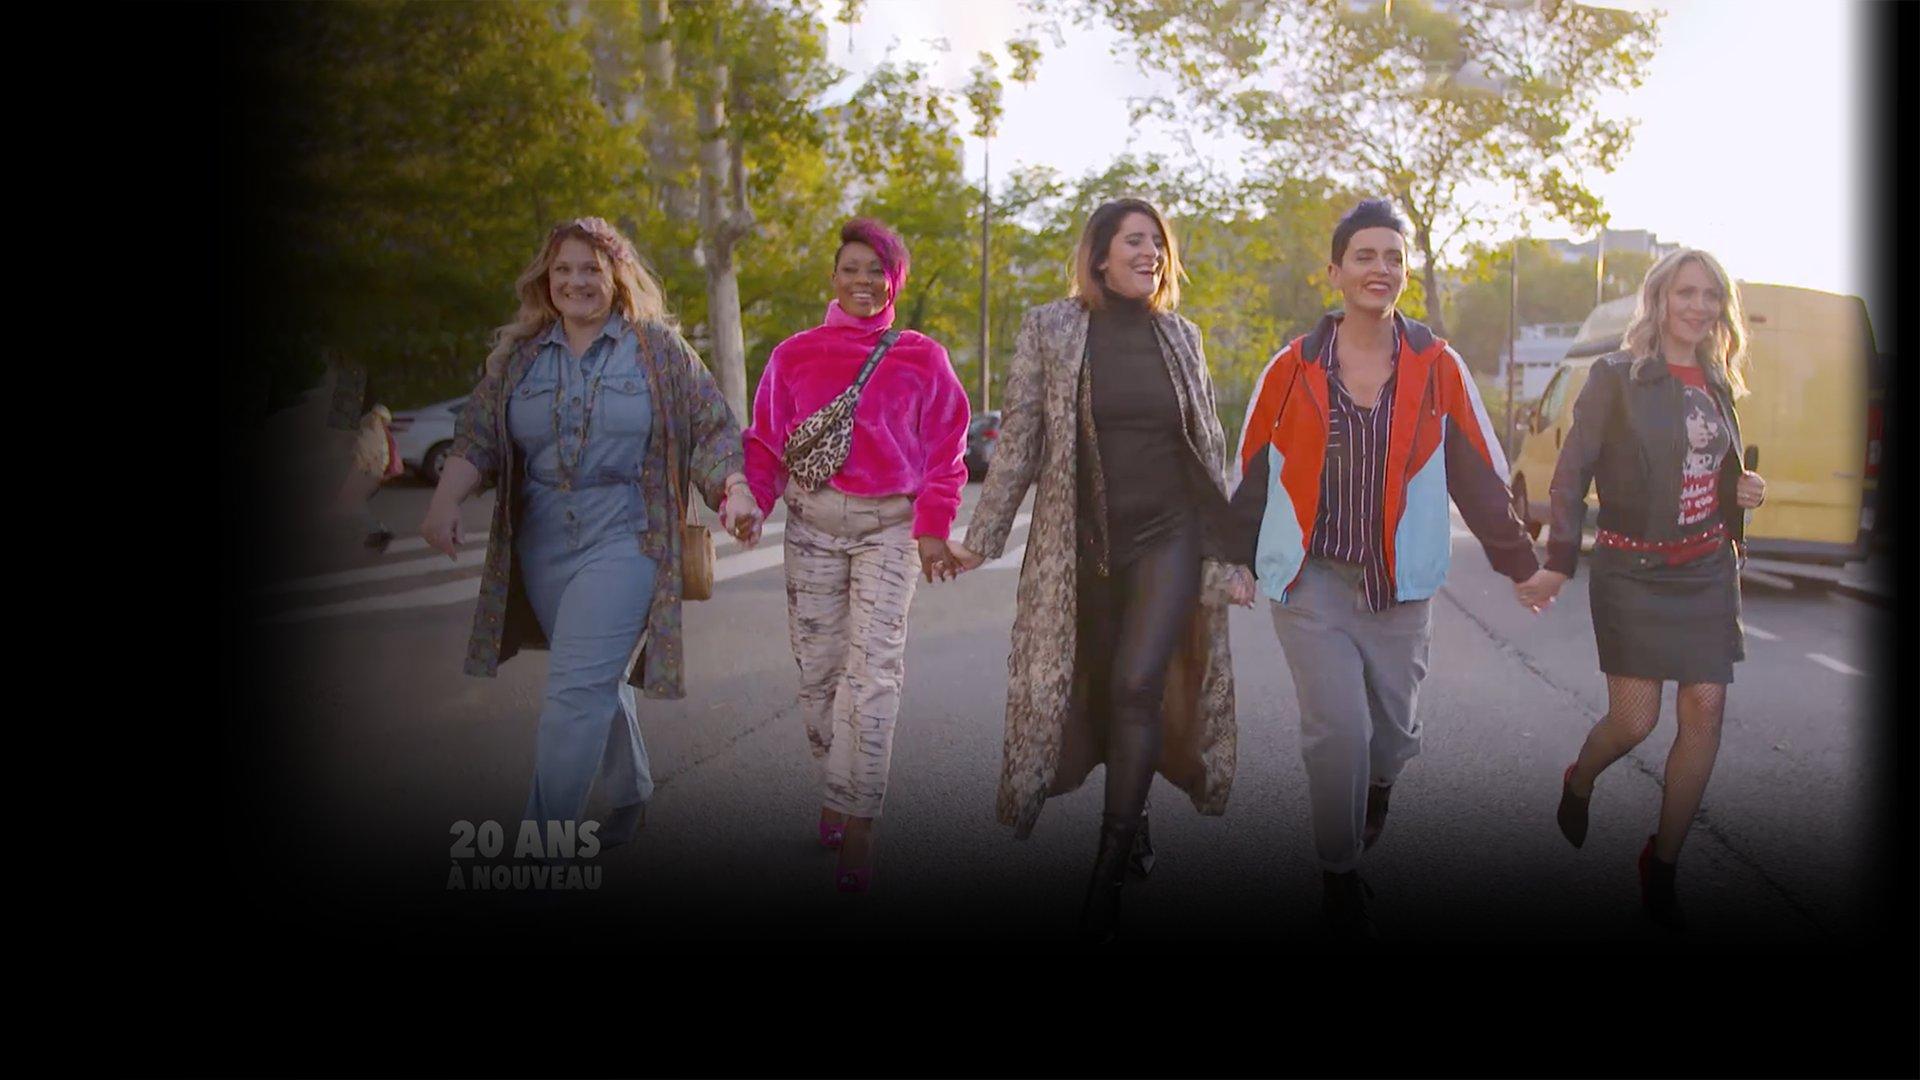 fond 20 ans à nouveau : 5 mamans incognito